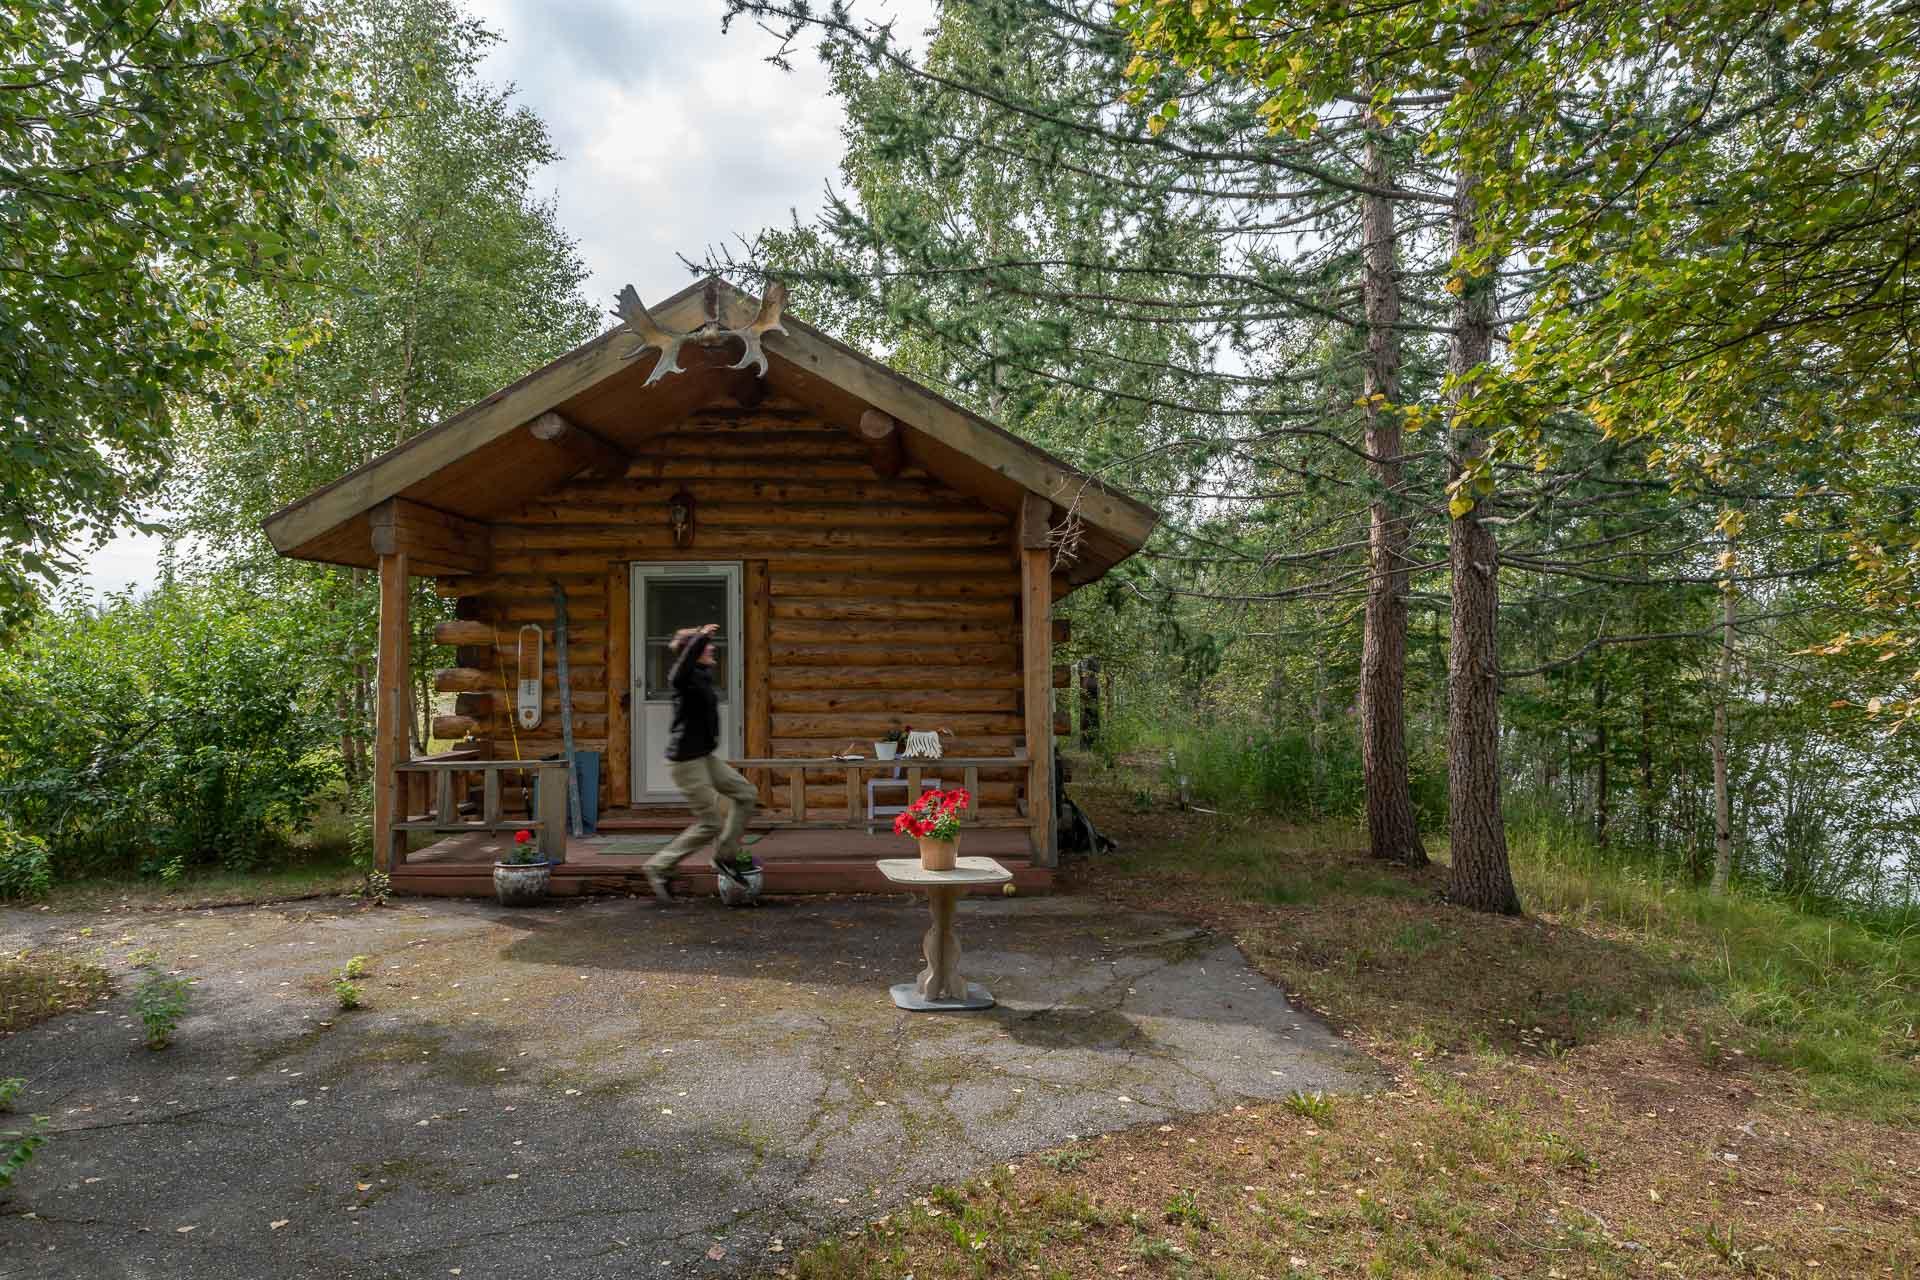 Unser Cabin in dem wir übernachten dürfen